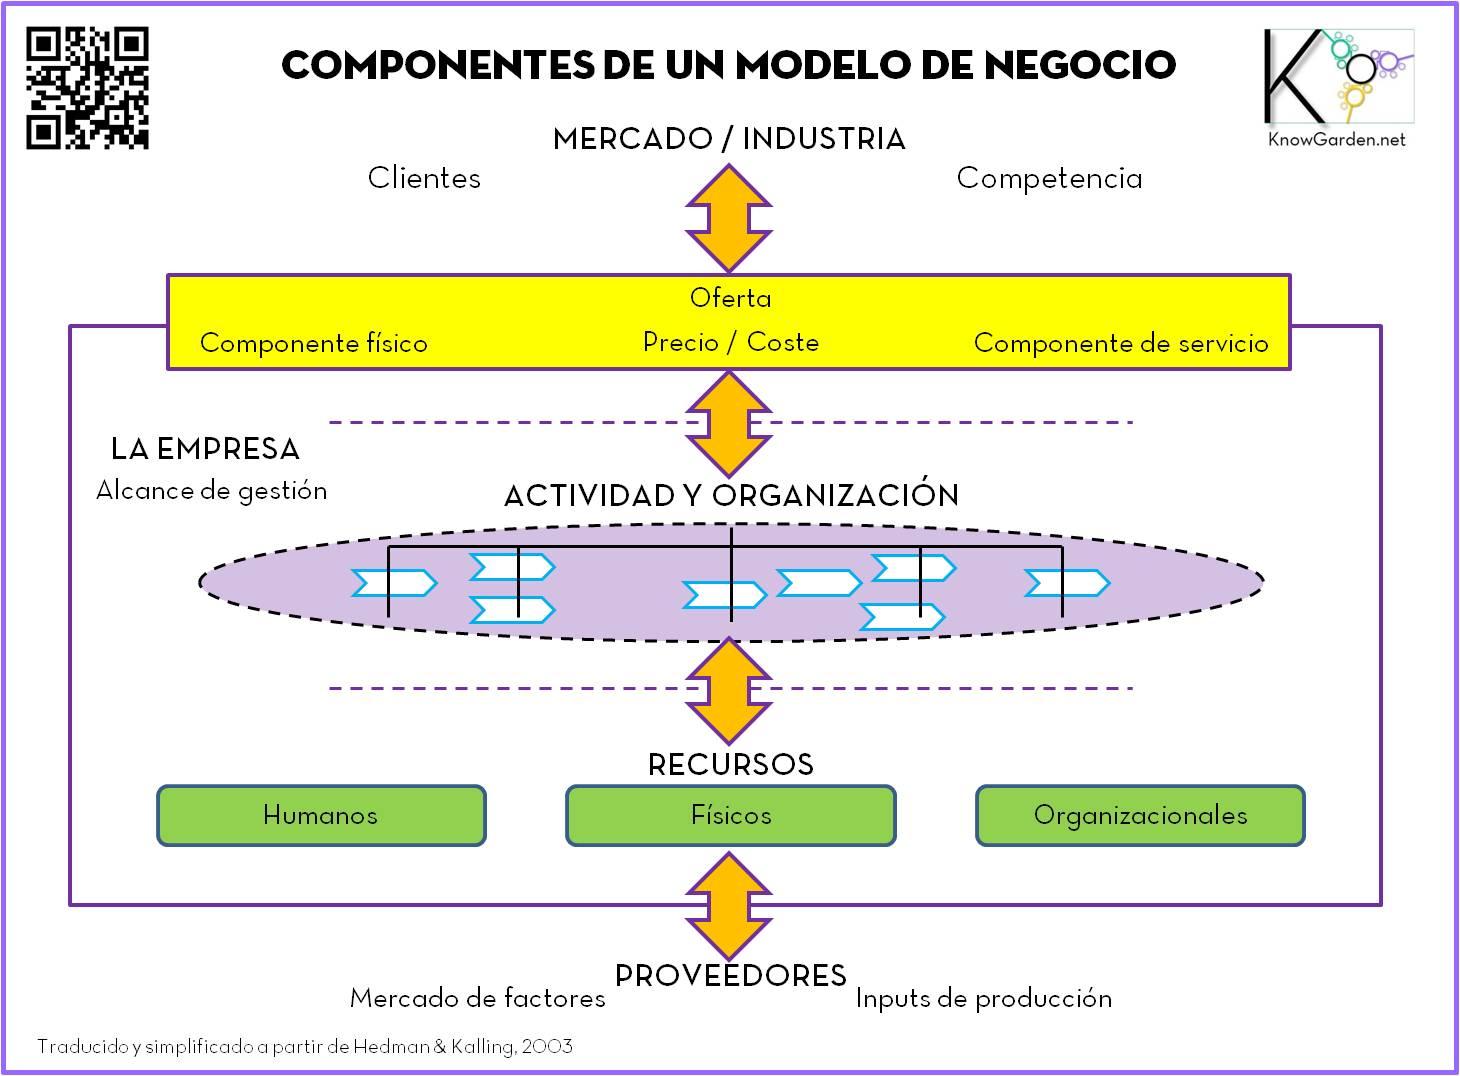 Sistema were always in the knowgarden pgina 2 el concepto es parecido al de estrategia pero podemos distinguir modelo de negocio de estrategia si concebimos sta como la eleccin del de los modelos fandeluxe Gallery